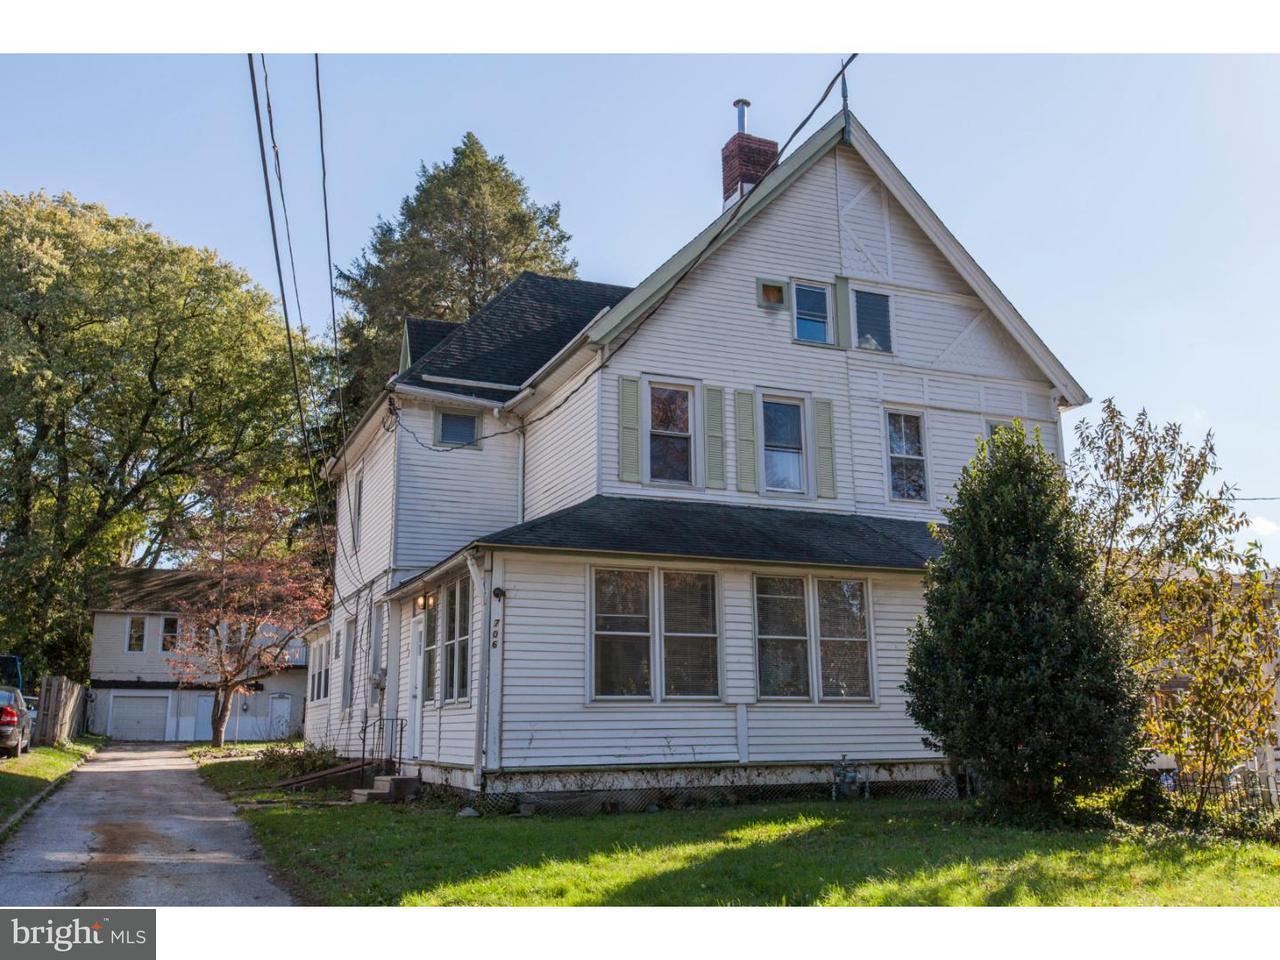 Casa unifamiliar adosada (Townhouse) por un Venta en 706 REDWOOD Avenue Yeadon, Pennsylvania 19050 Estados Unidos